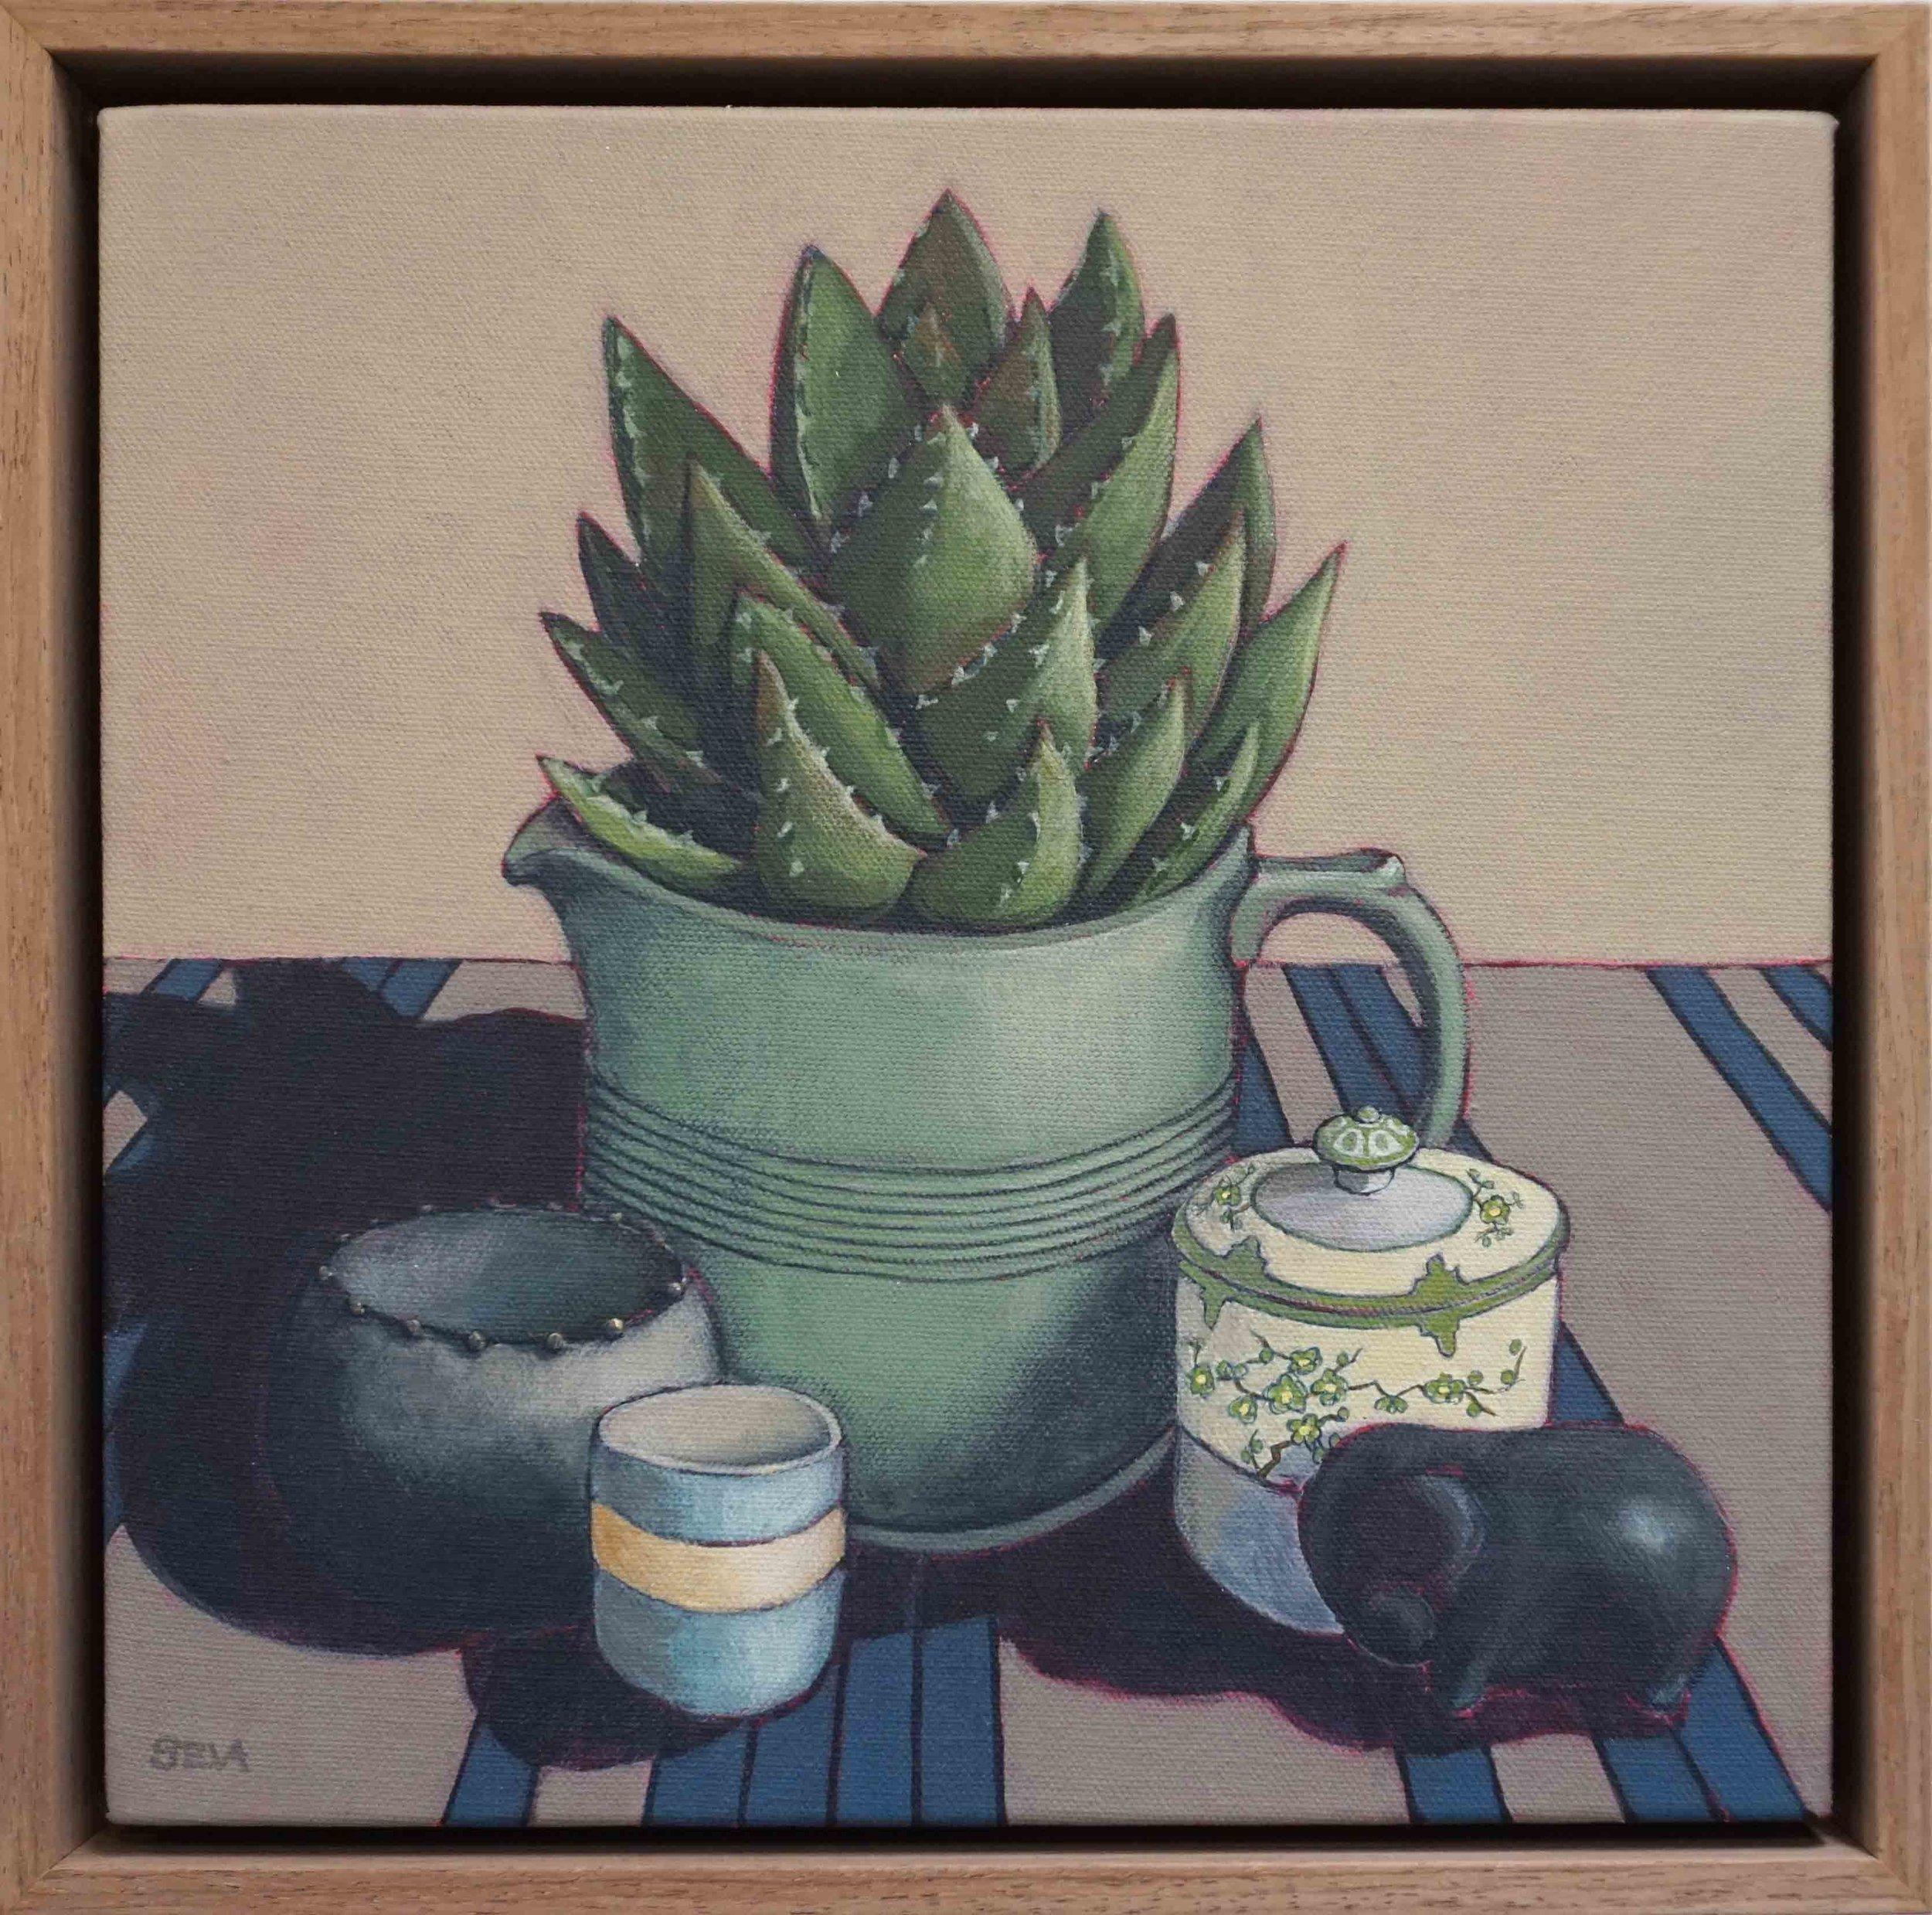 15. Sue Eva, 'The Green Jug with Noritake Sugar', 2018, Acrylic on canvas, 30 x 30cm, $445